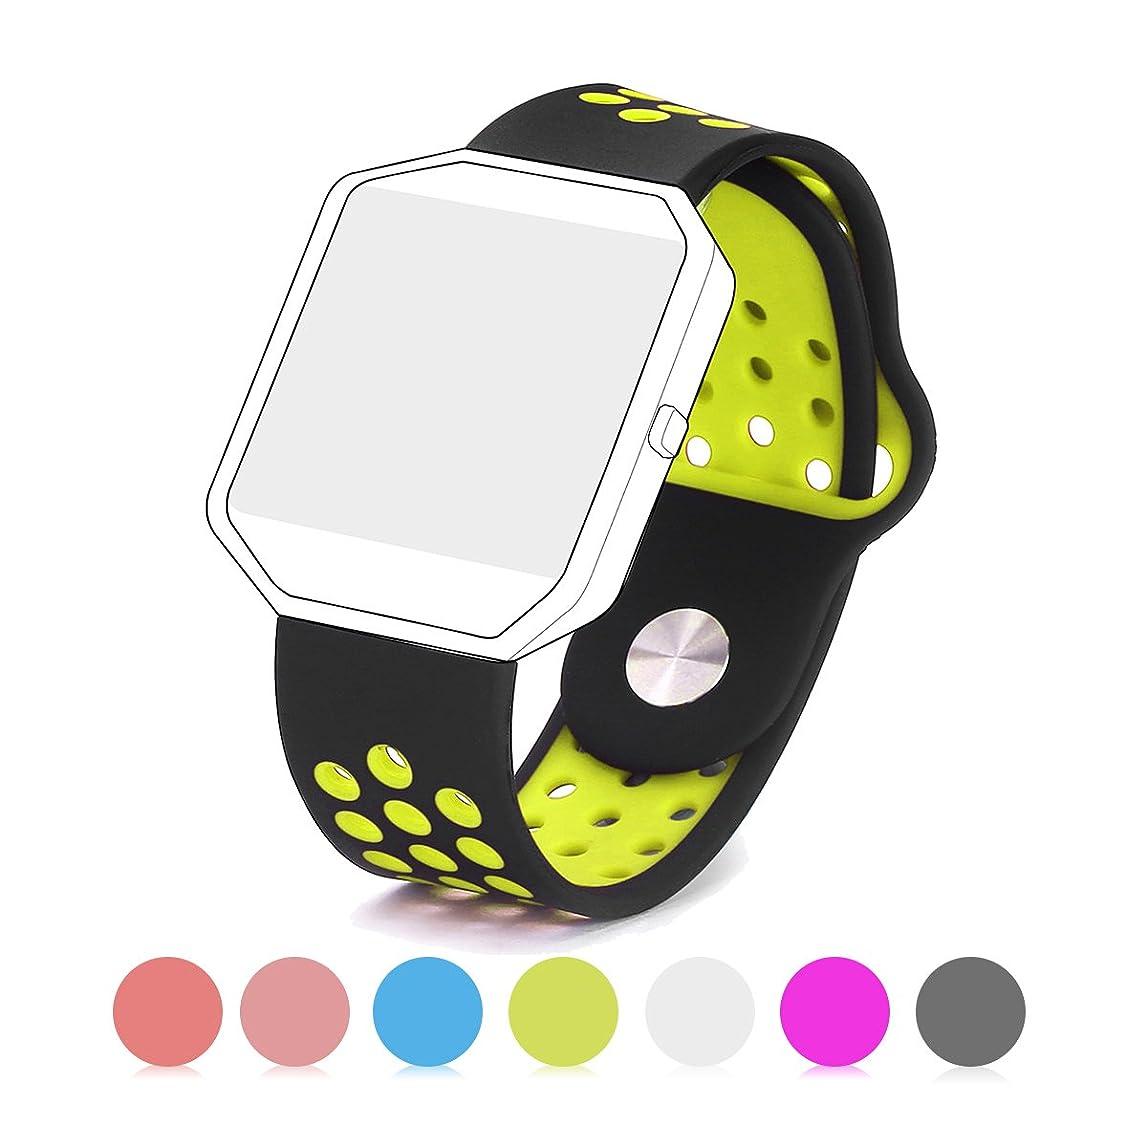 ノミネートコードアクセスできないKutop バンド for Fitbit Blaze バンド, 柔らかいシリコン調整可能バンドの取替可能 Blazeに適用するスマート時計心拍フィットネス腕時計